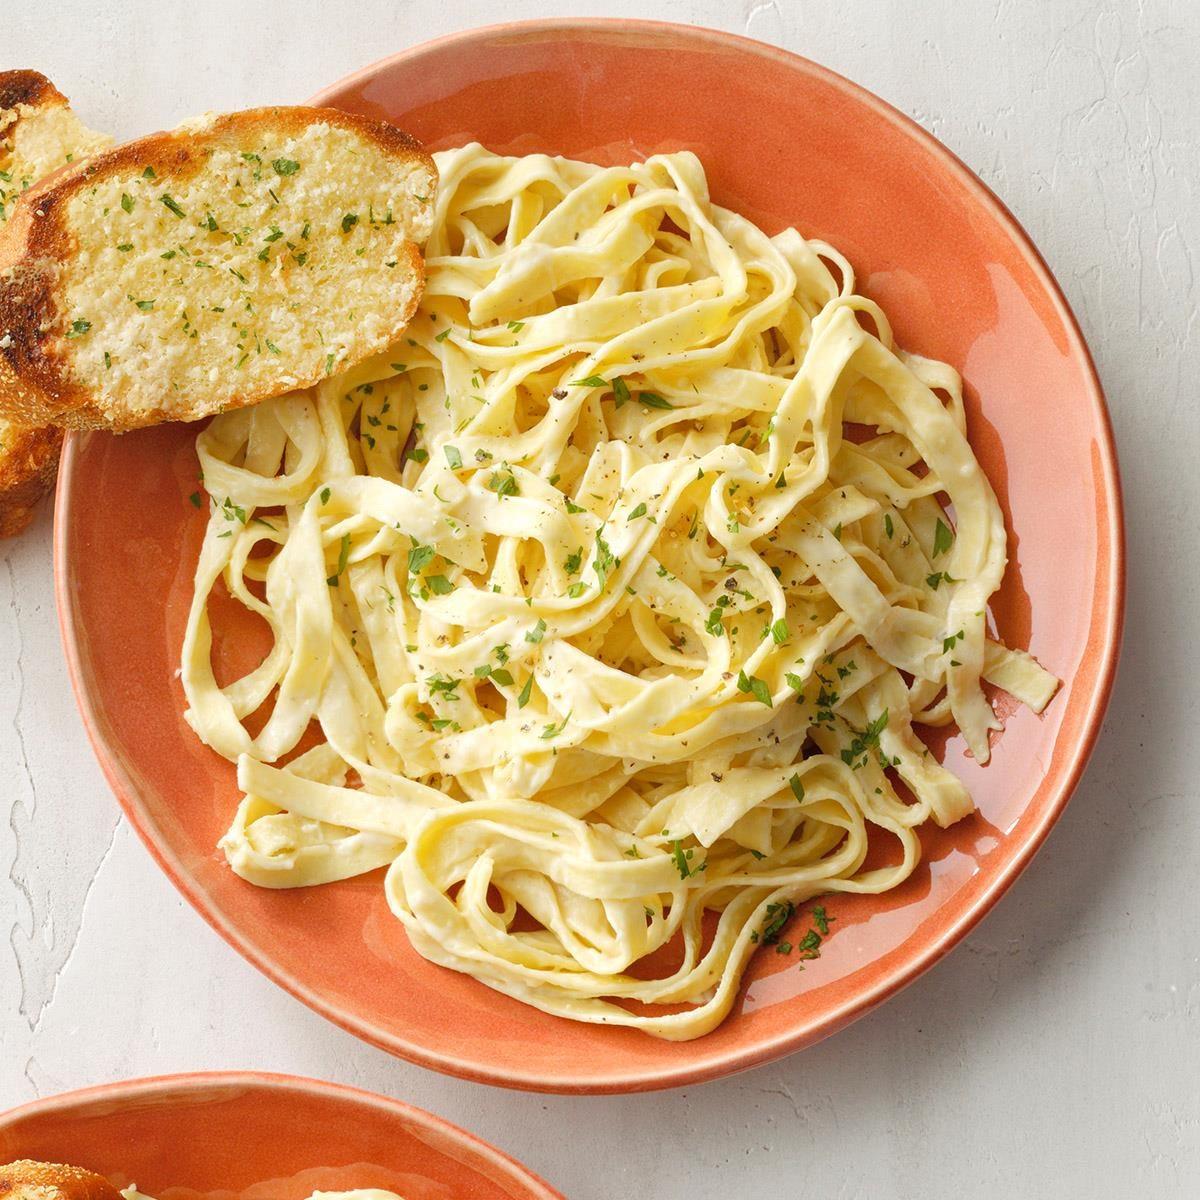 Homemade Fettuccini Alfredo Exps Toham21 21260 B12 02 13b 1